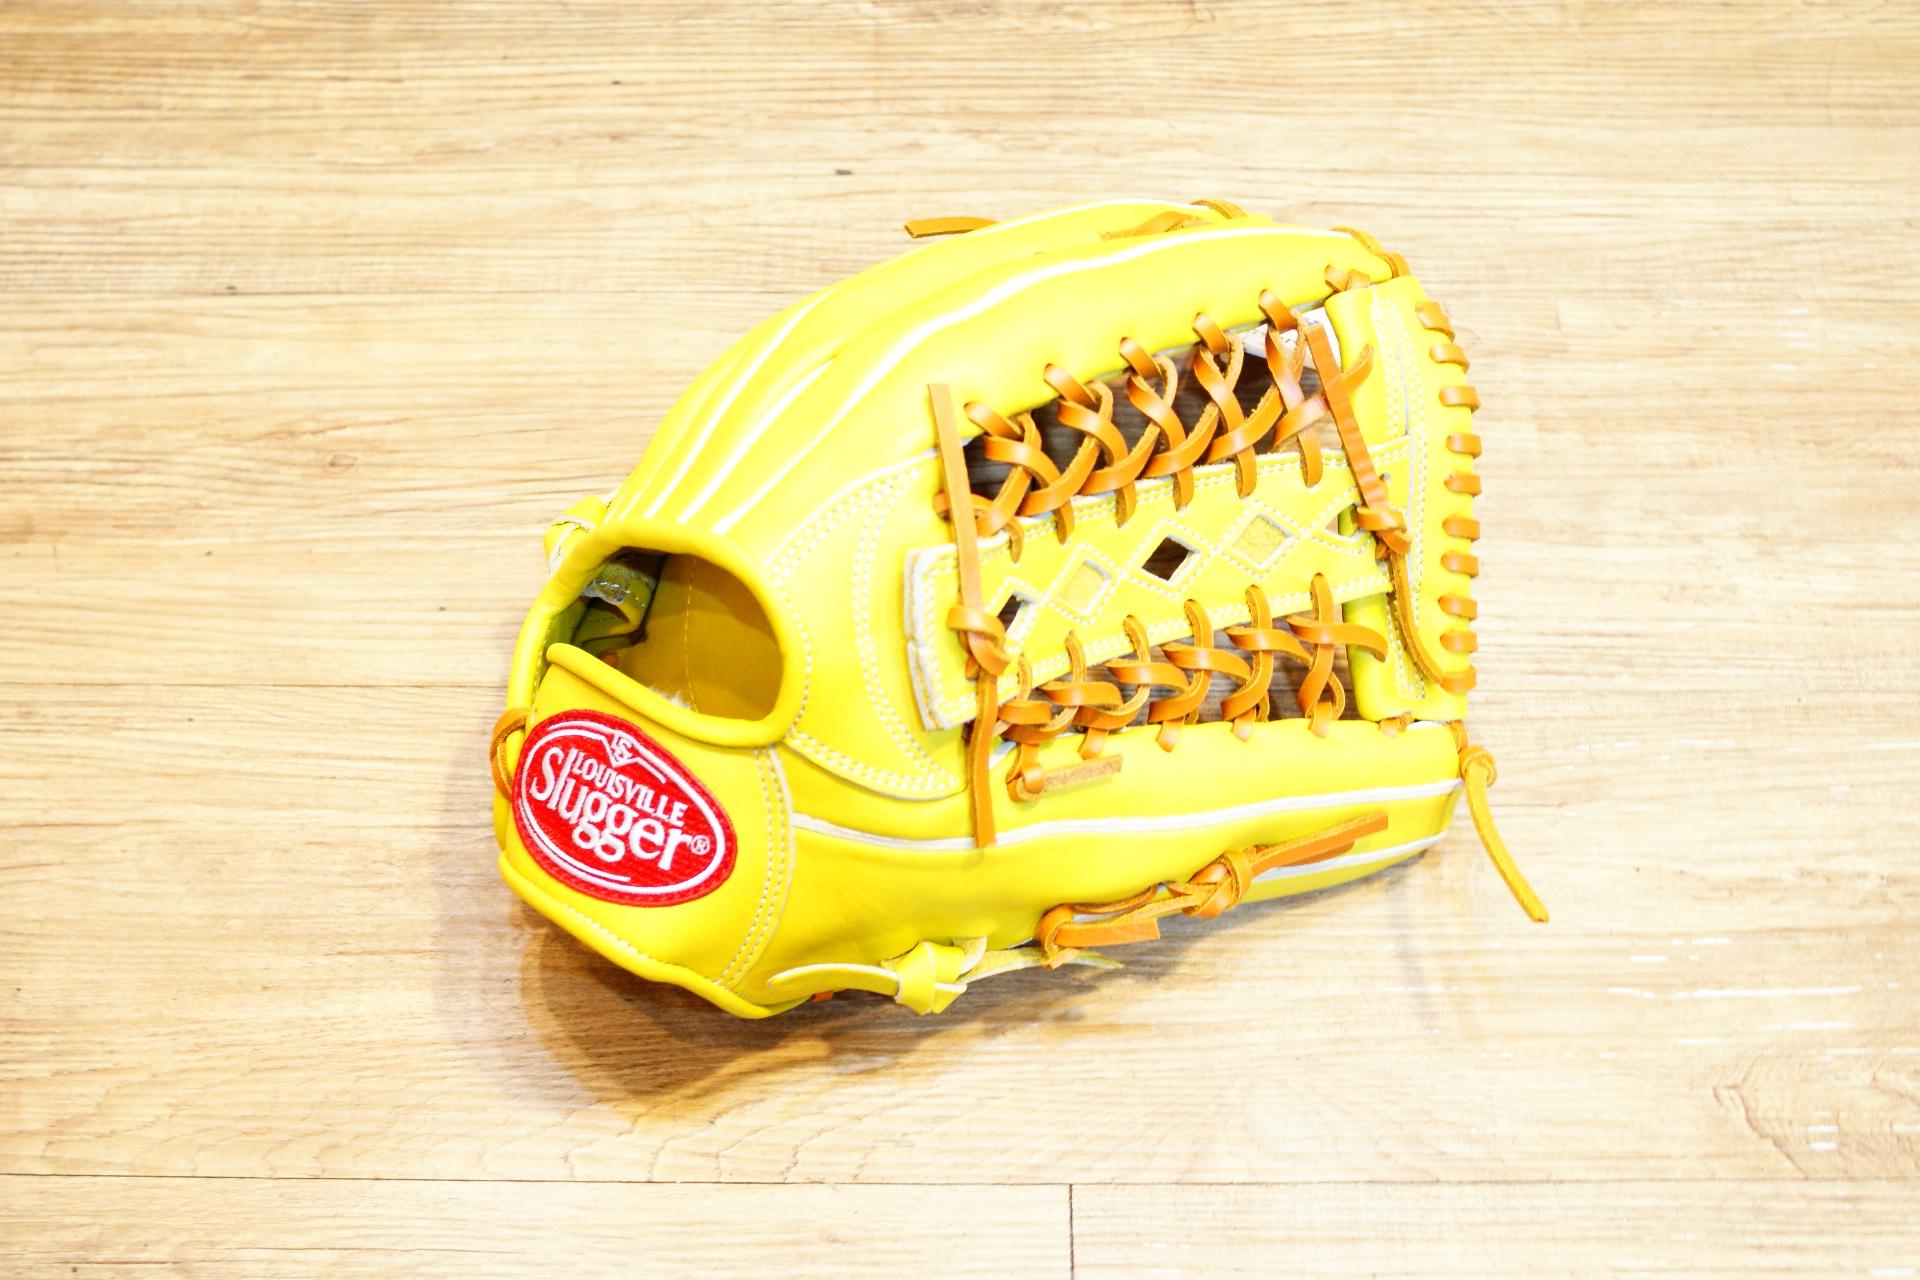 棒球世界全新 Louisville Slugger TPX 金剛系列 硬式棒壘手套 特價 外野T網 檸檬黃色